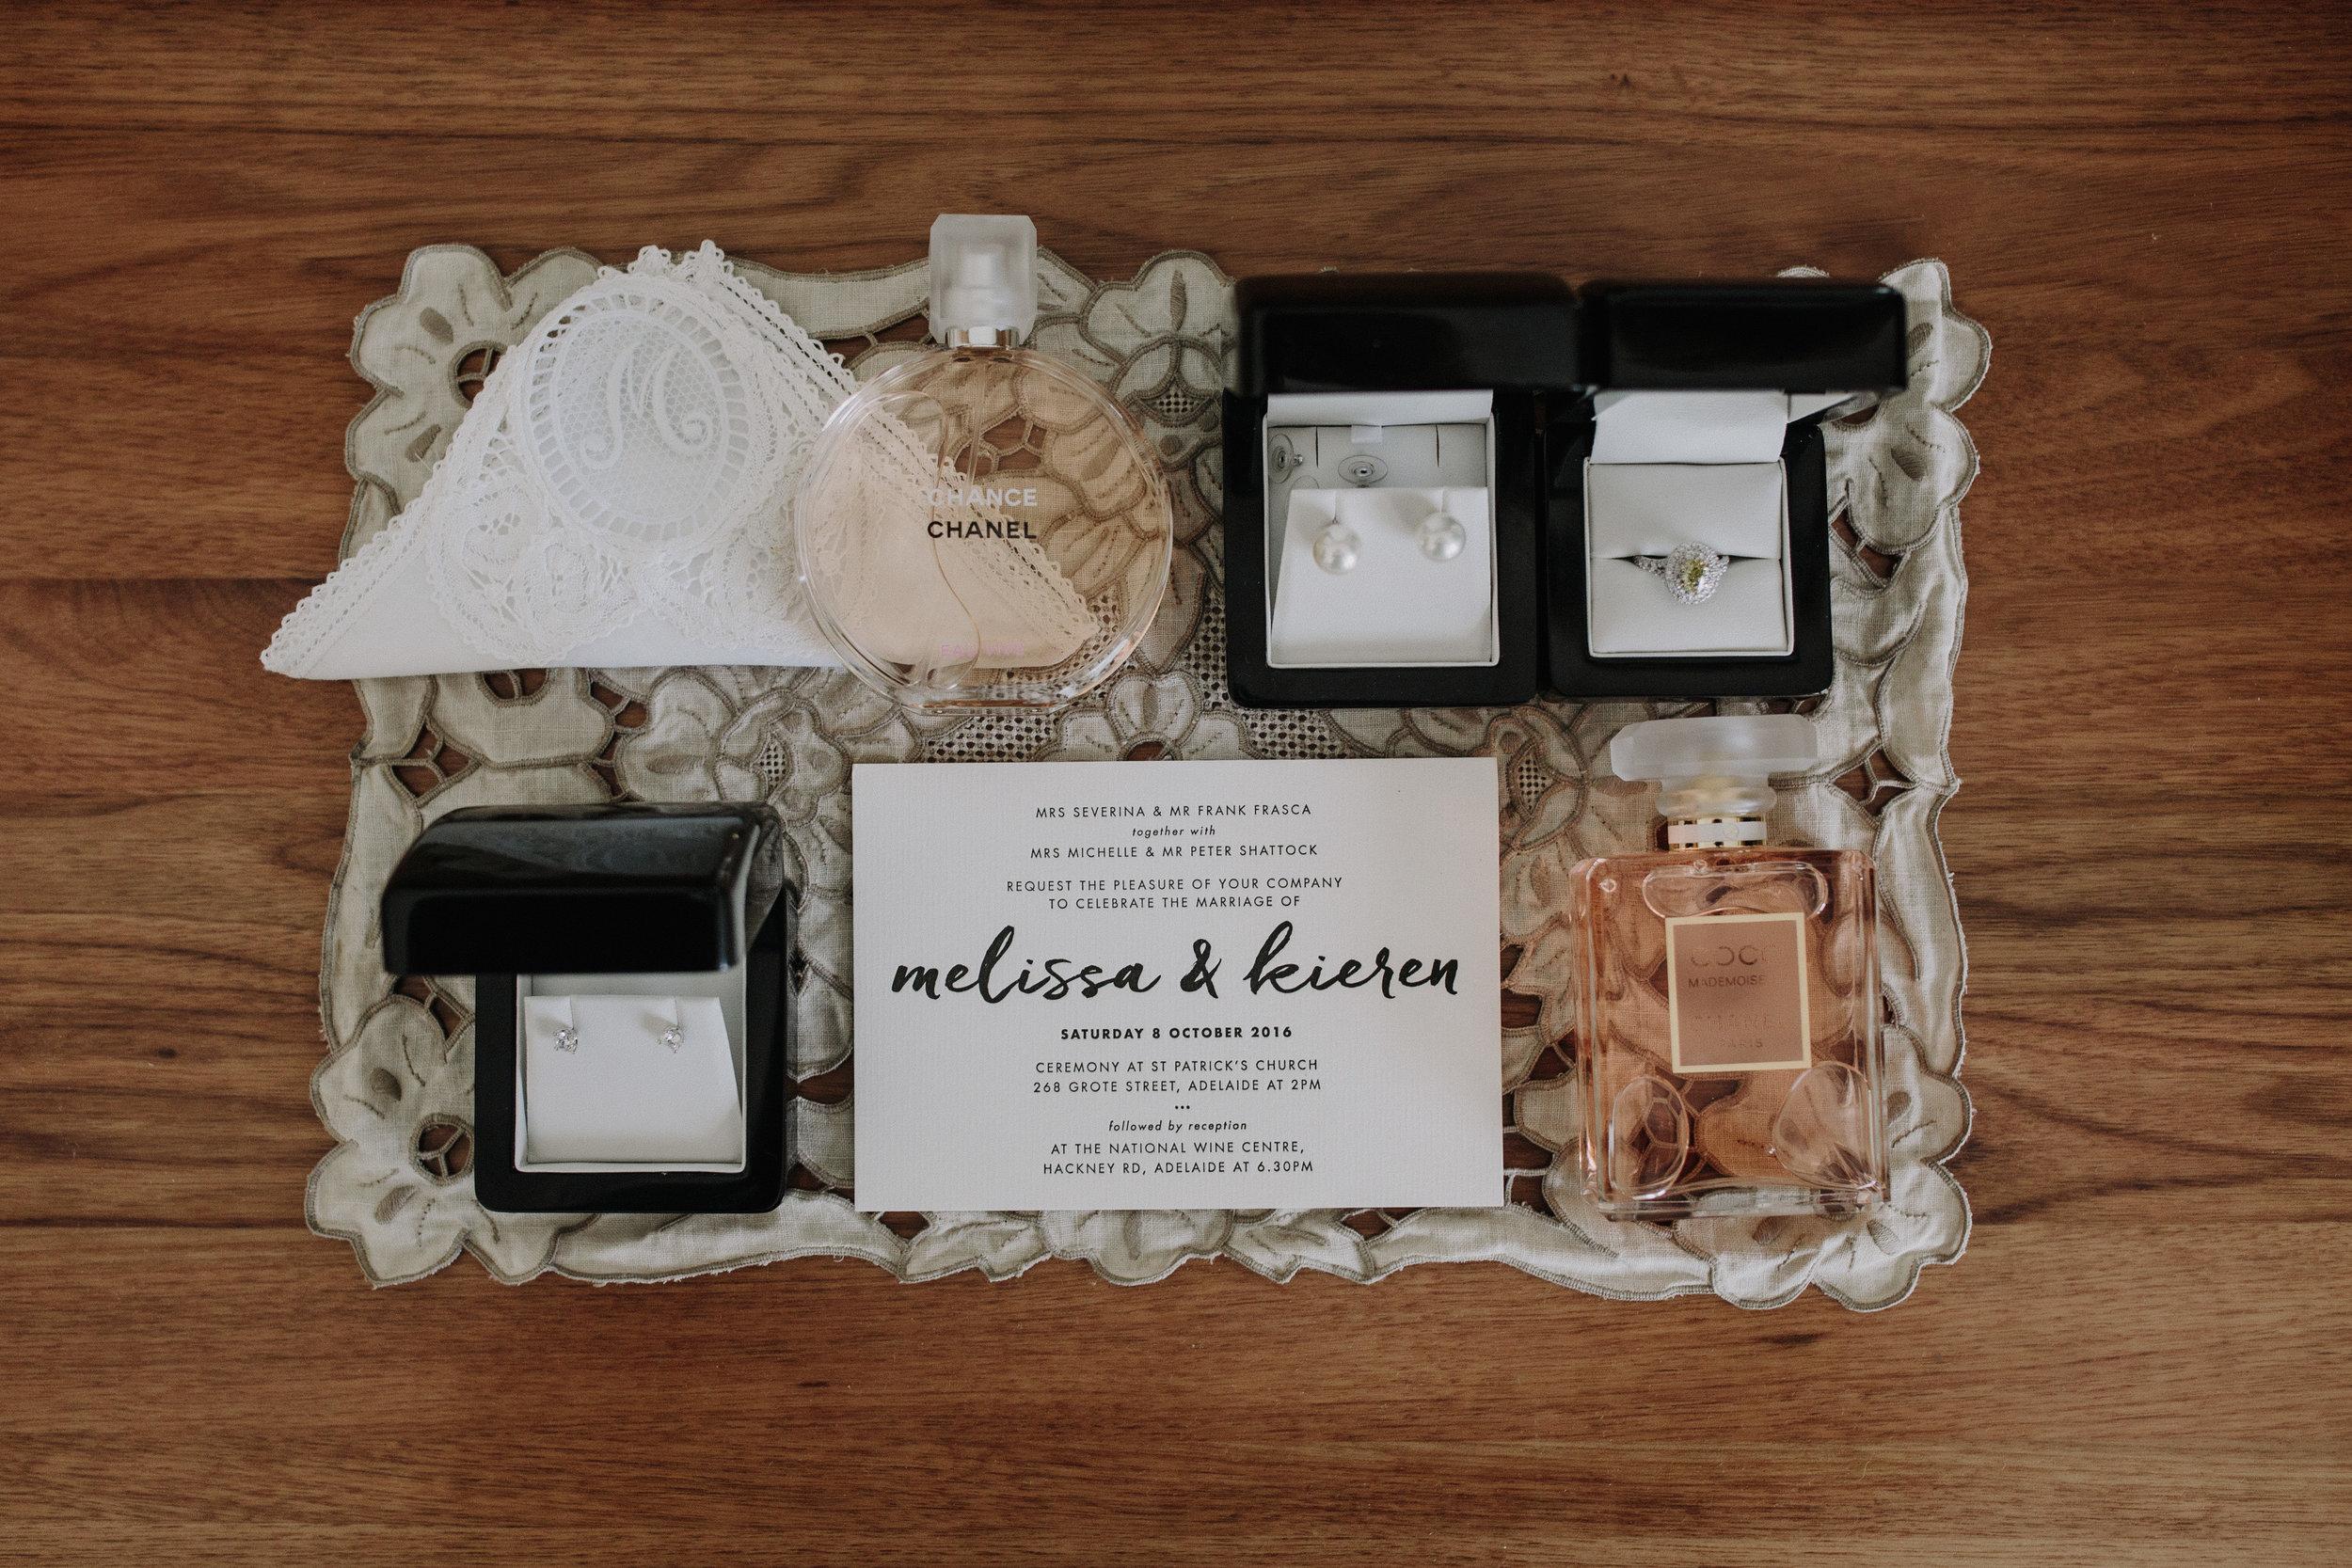 melissa_kieren_invitation